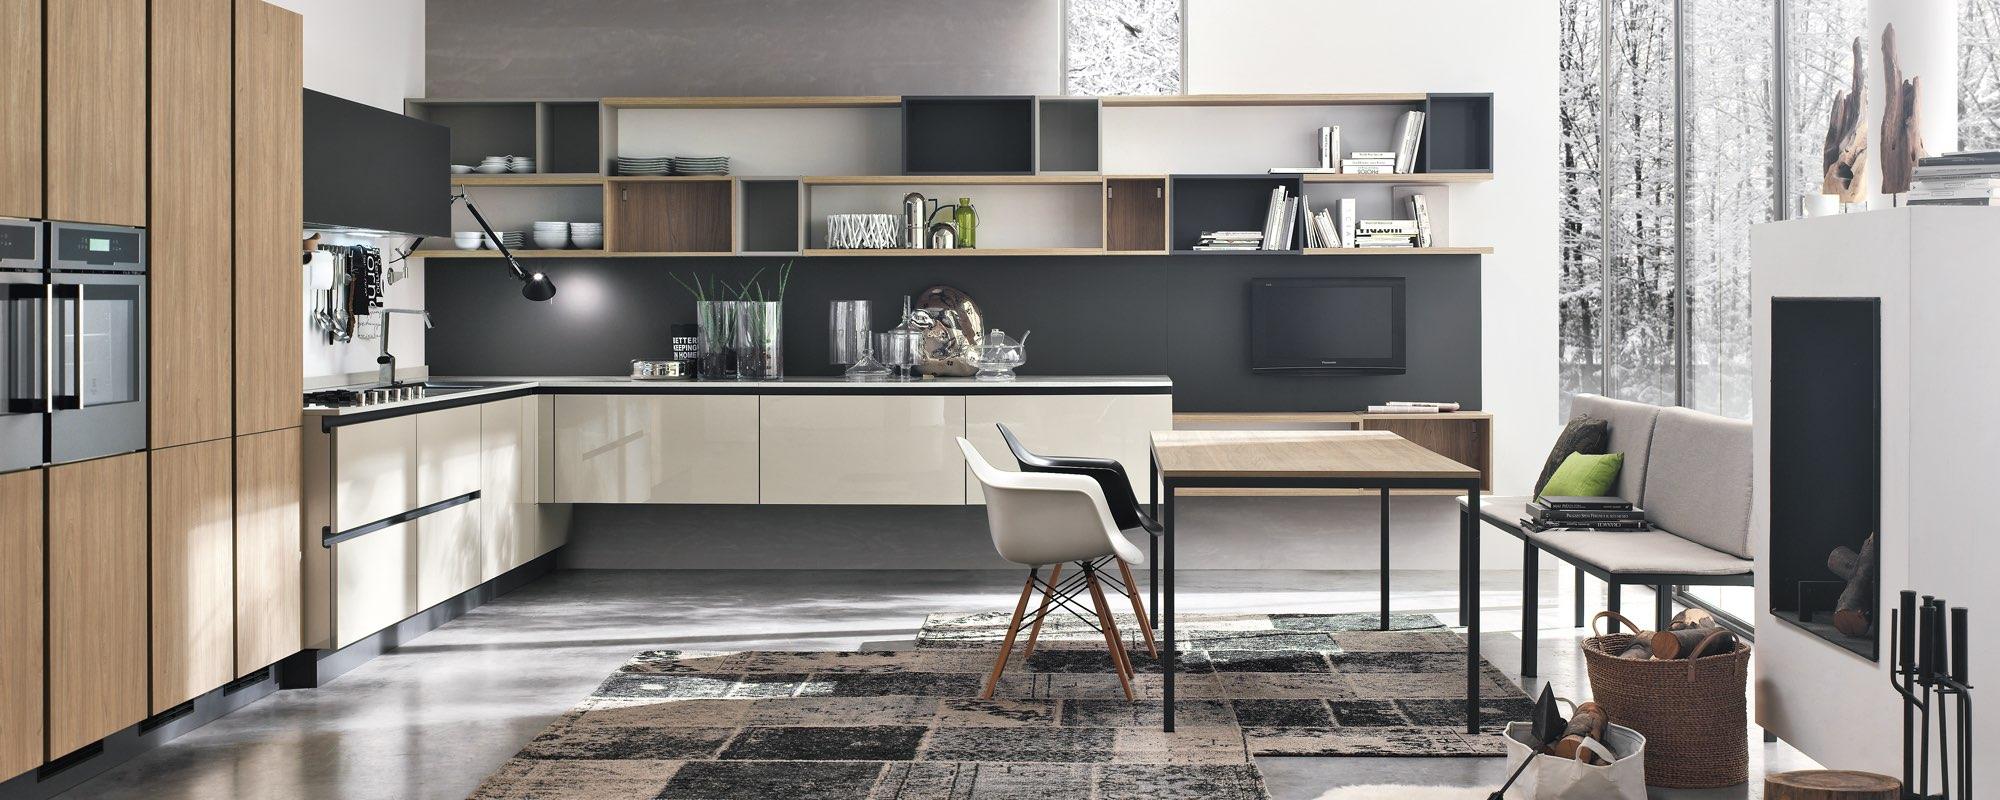 Cucina Moderna in legno Aleve con tavolo, sedie, tappeto e arreadamento